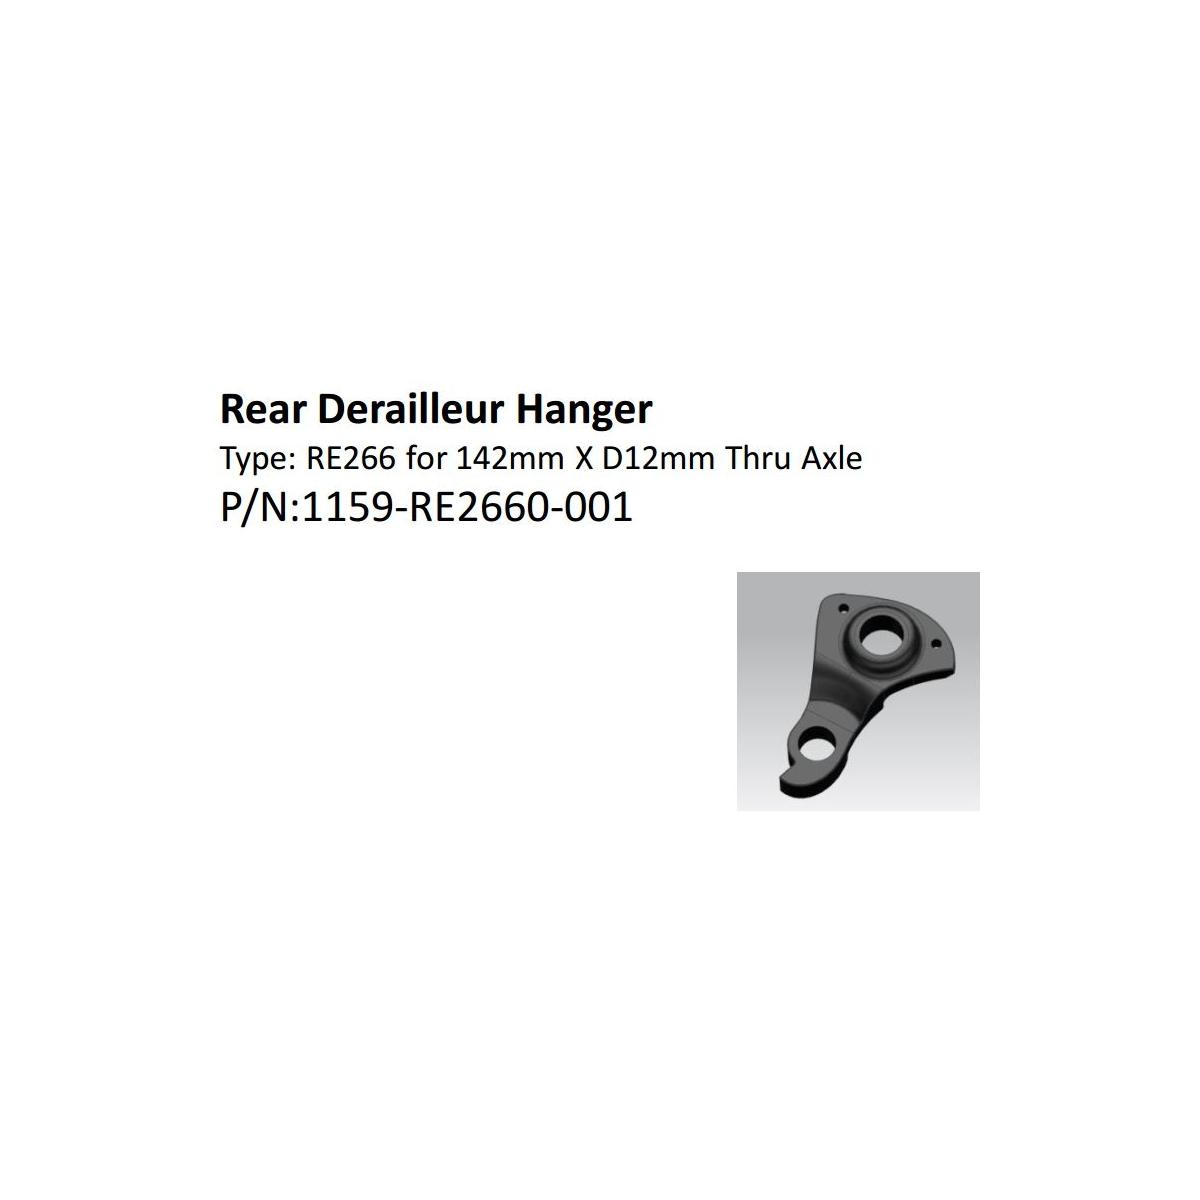 Giant TCR DEFY Advanced Pro Disc 2017 Hanger dropout black thru derailleur